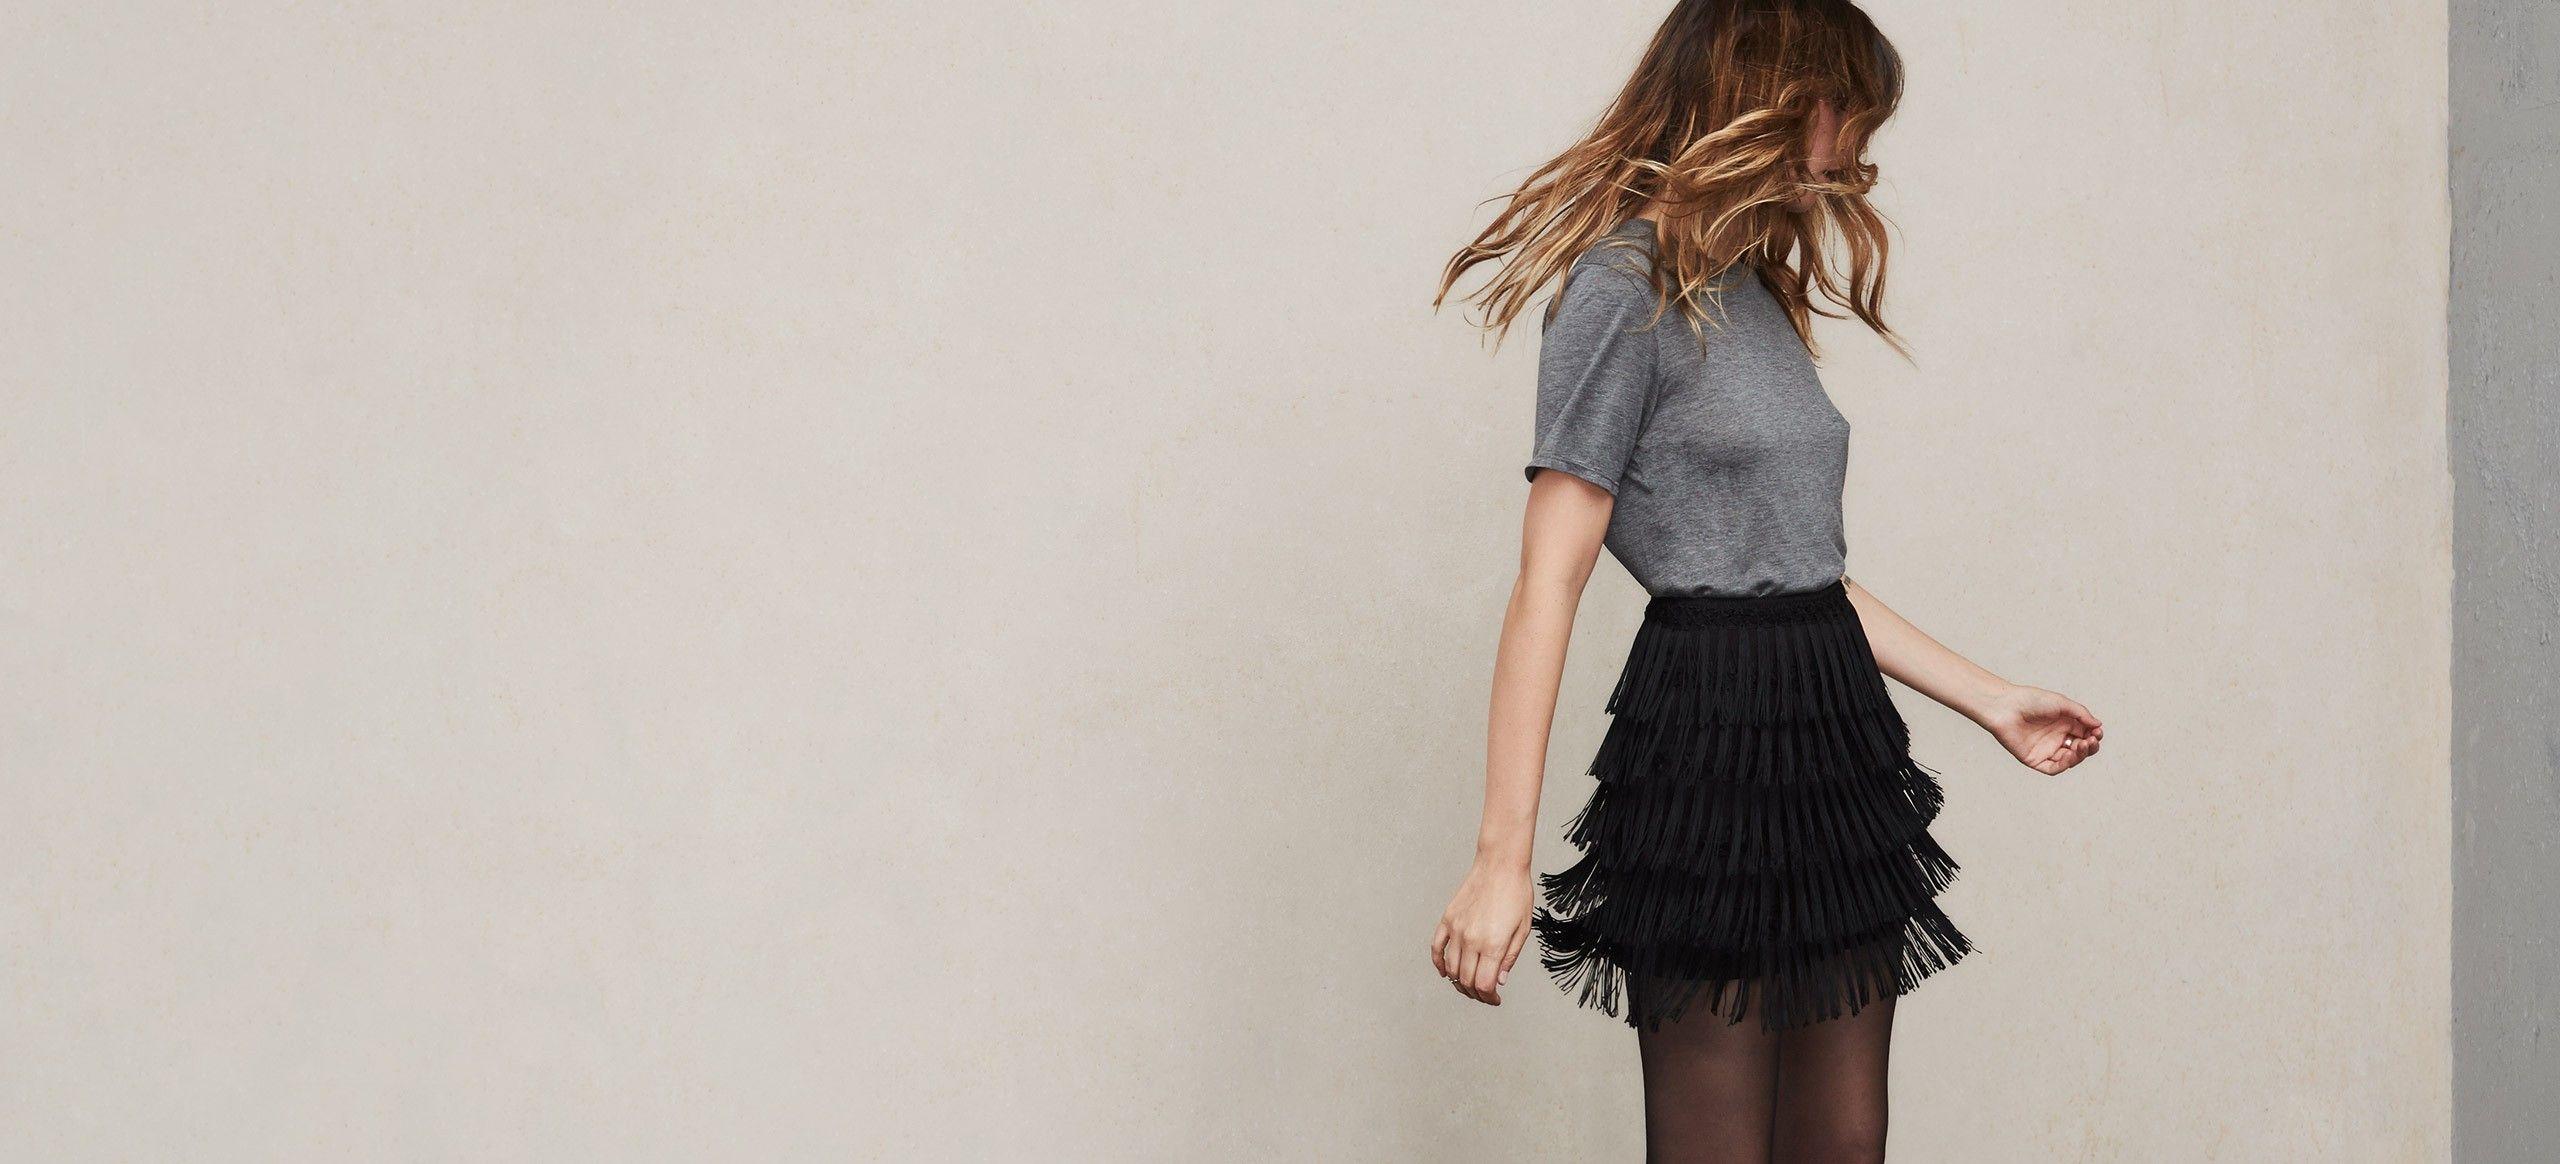 Shaking In Skirt